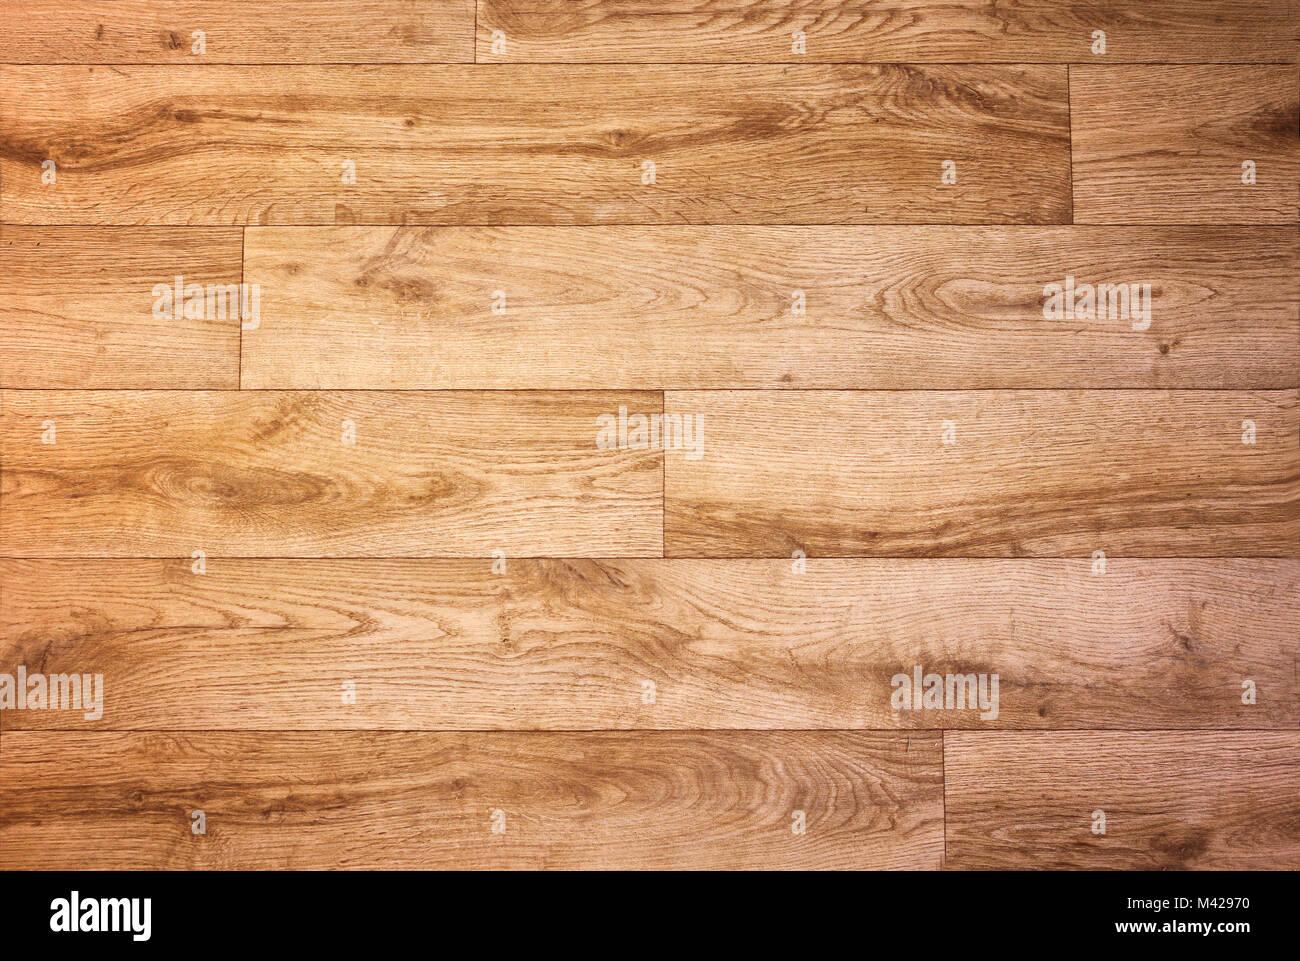 Attraktiv Holz Laminatboden Textur